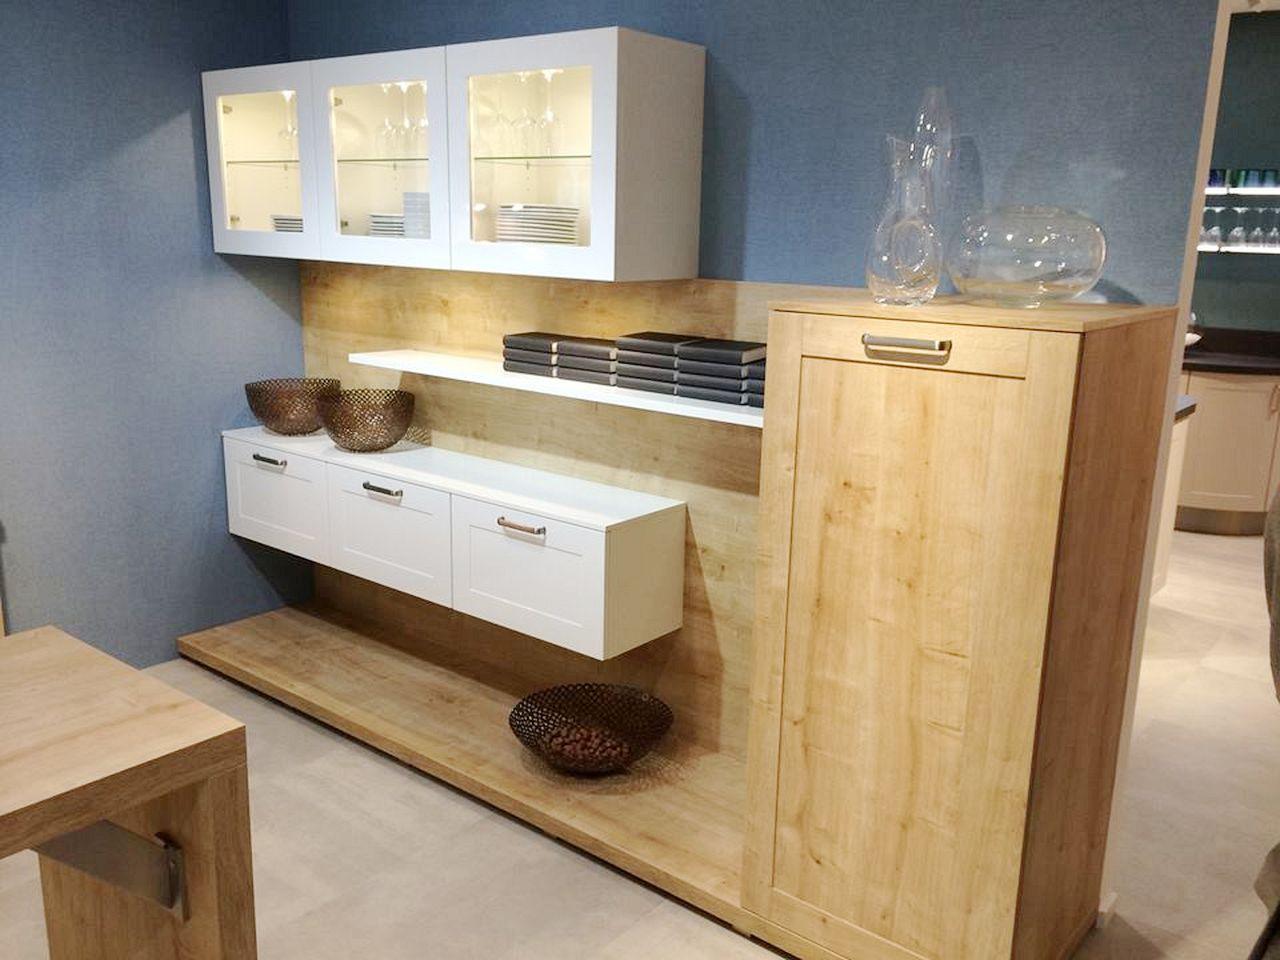 Küchentrends - Küchenhaus Thiemann Overath/Vilkerath